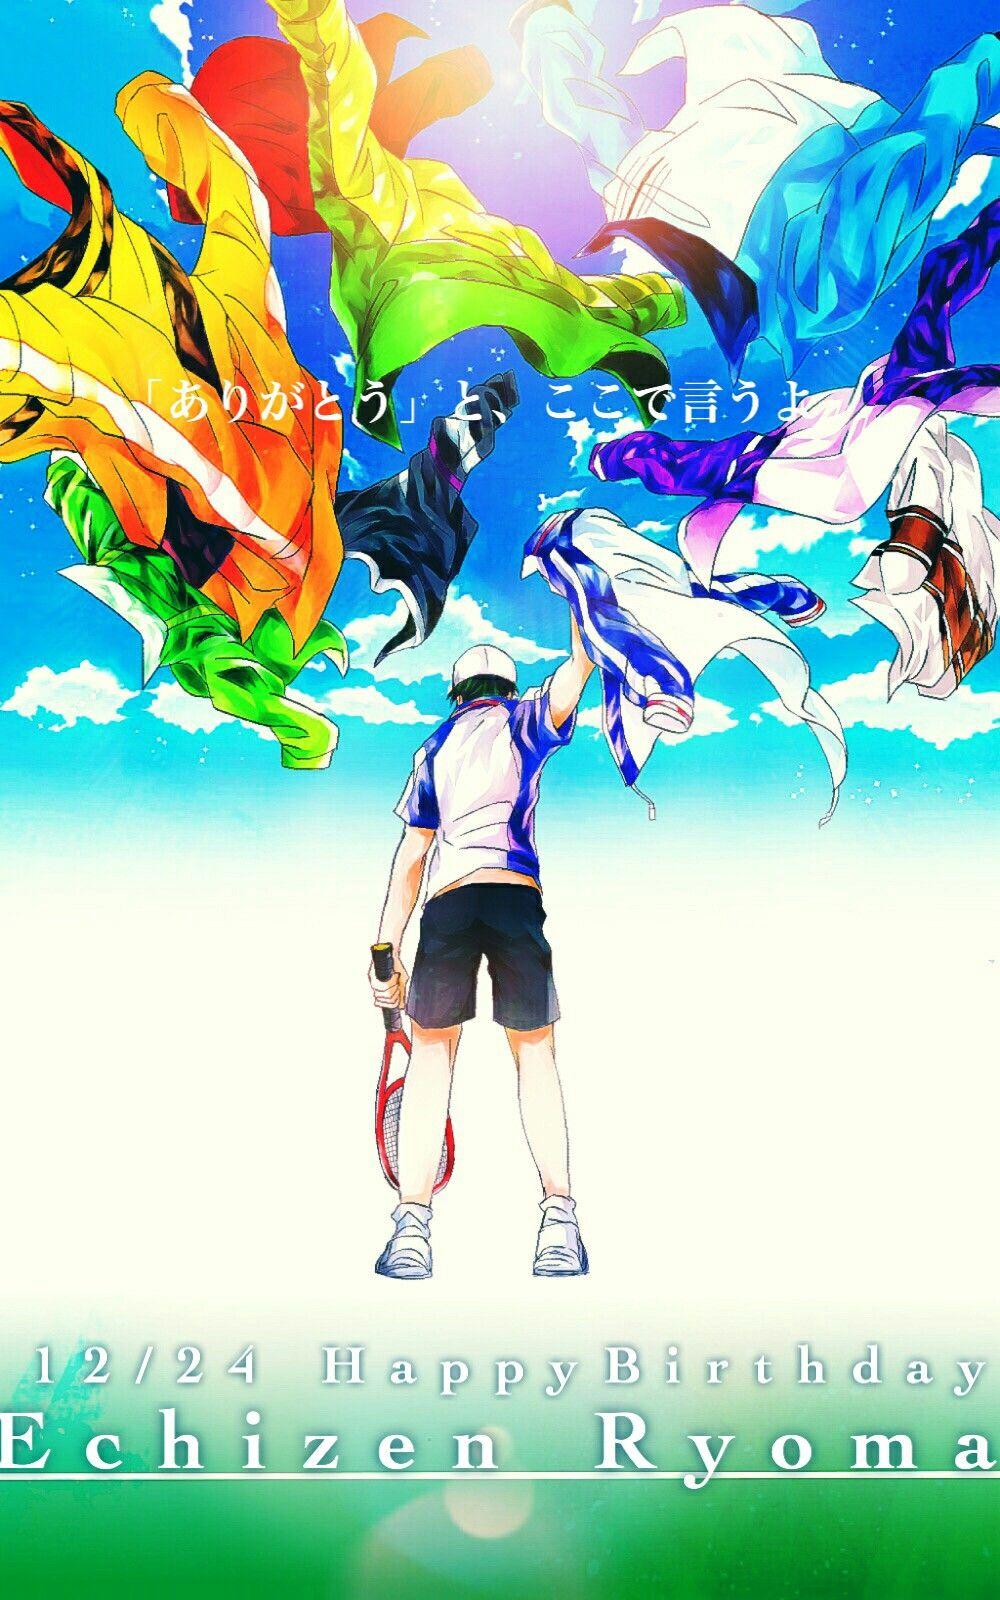 越前リョーマ Tennis No Ouji Sama The Prince Of Tennis の